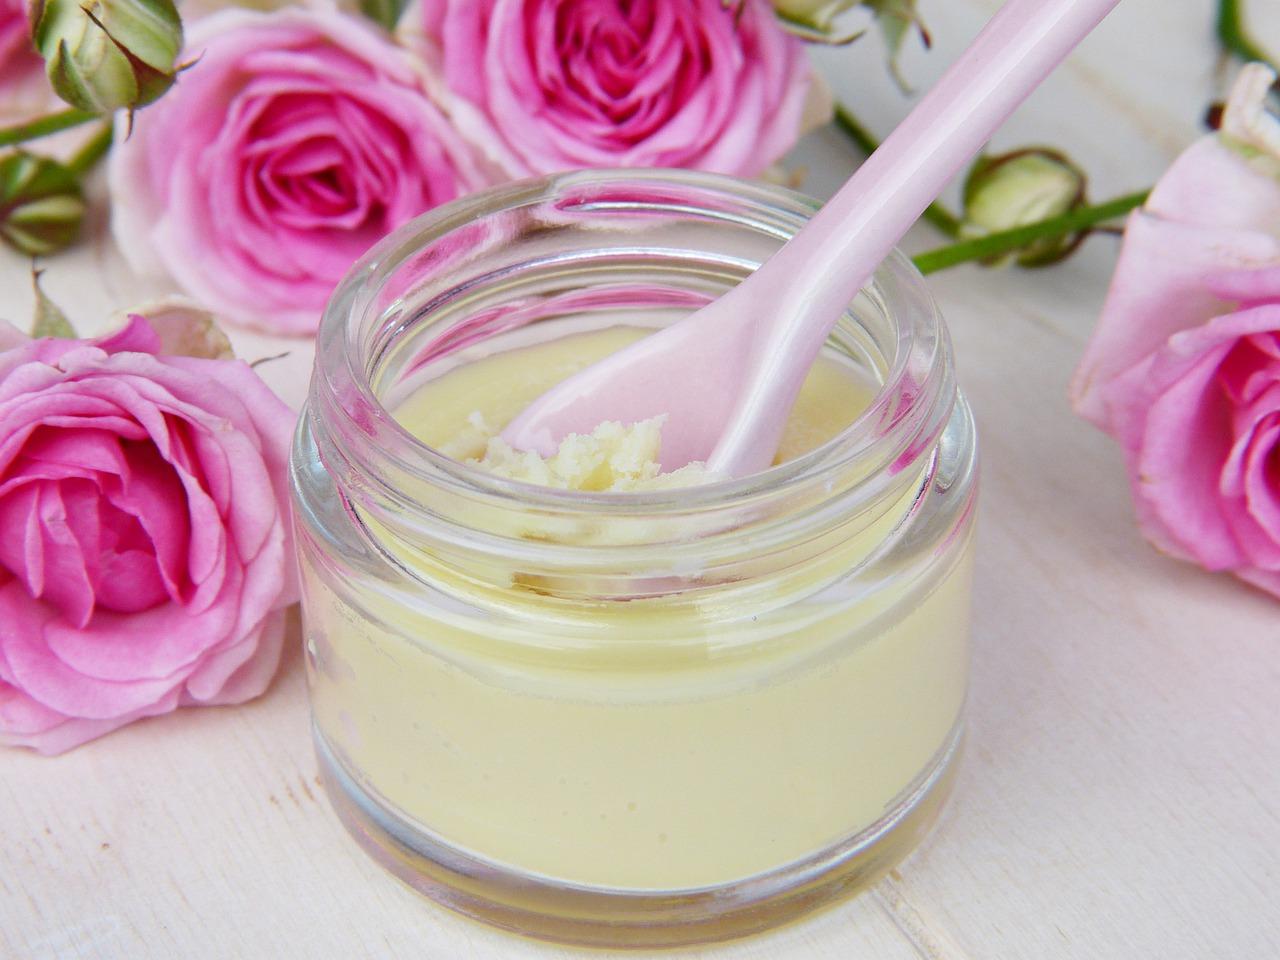 Comment utiliser le beurre de karité pur?